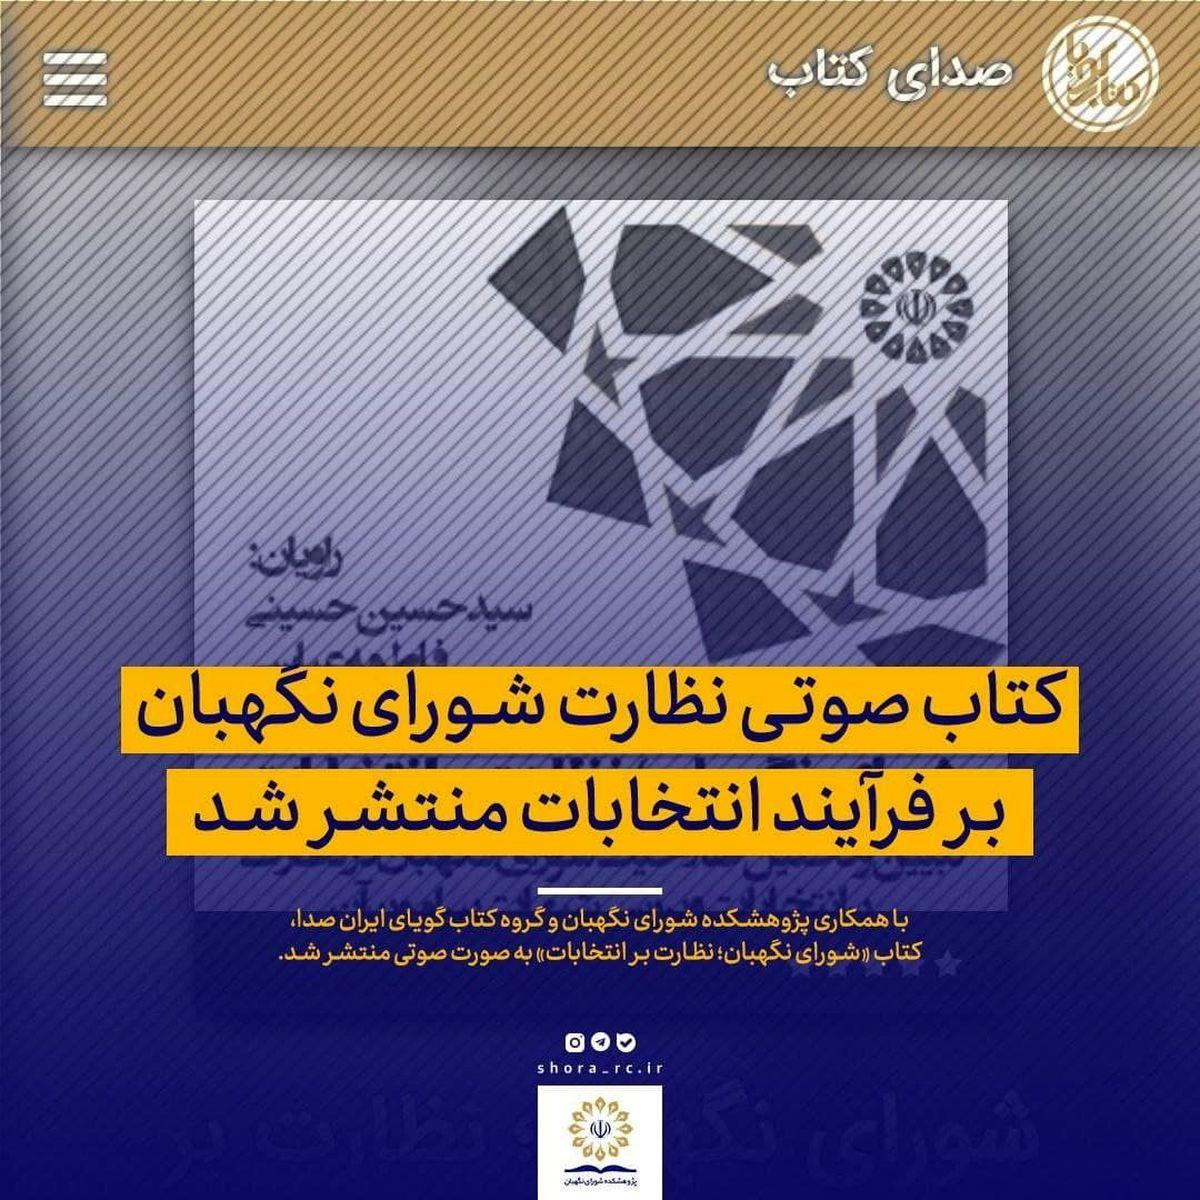 انتشار کتاب صوتی نظارت شورای نگهبان بر فرآیند انتخابات